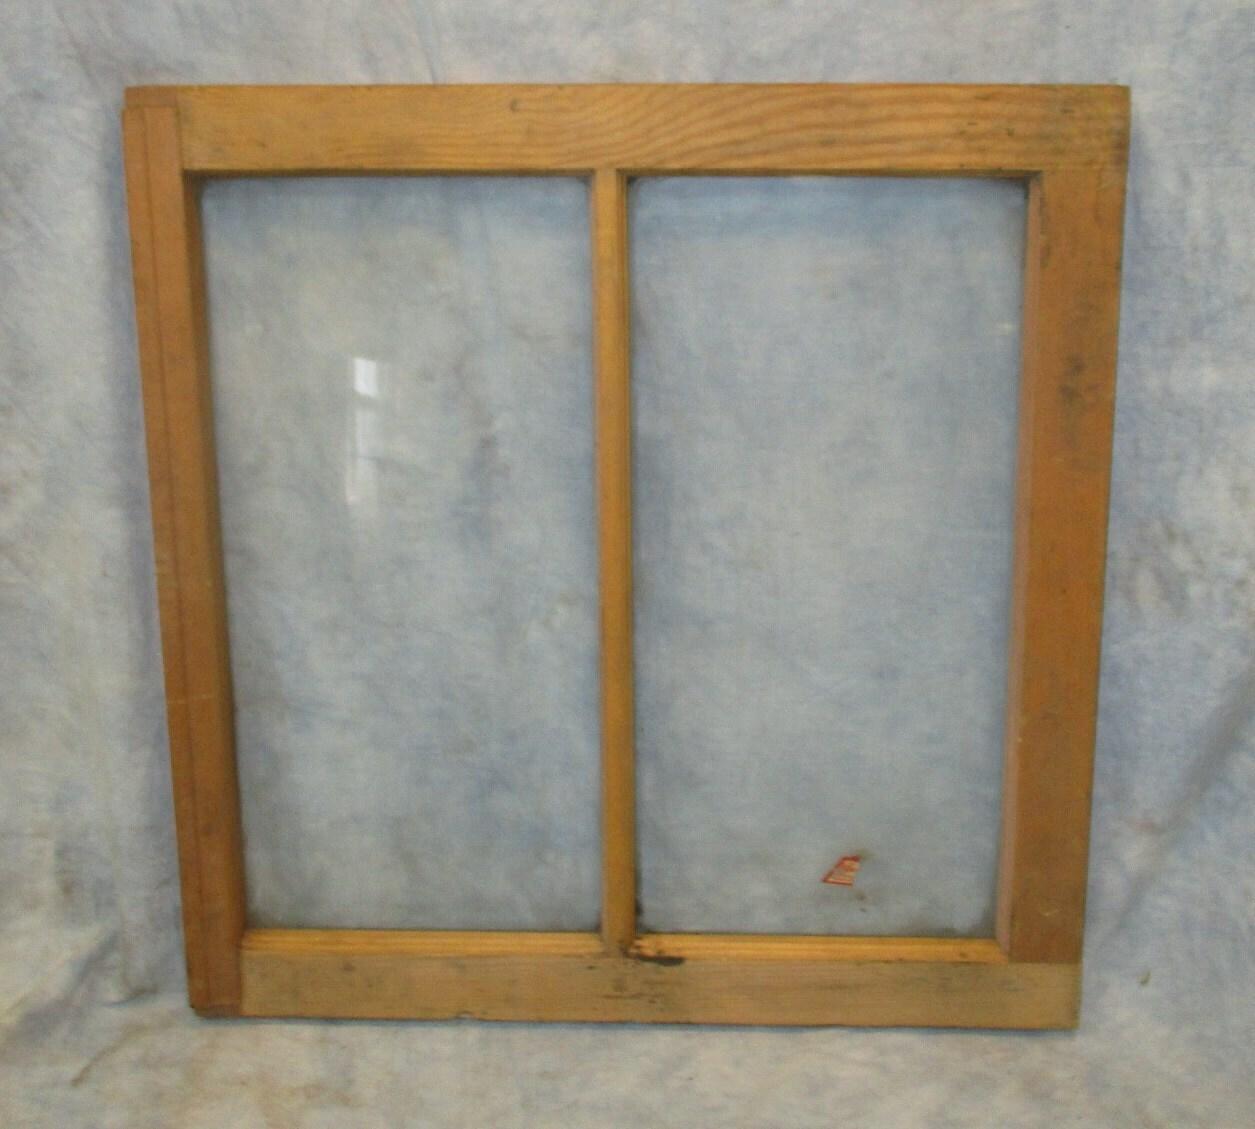 Alte Holz Fenster Rahmen 2 Glasscheiben rustikale Shabby Chic